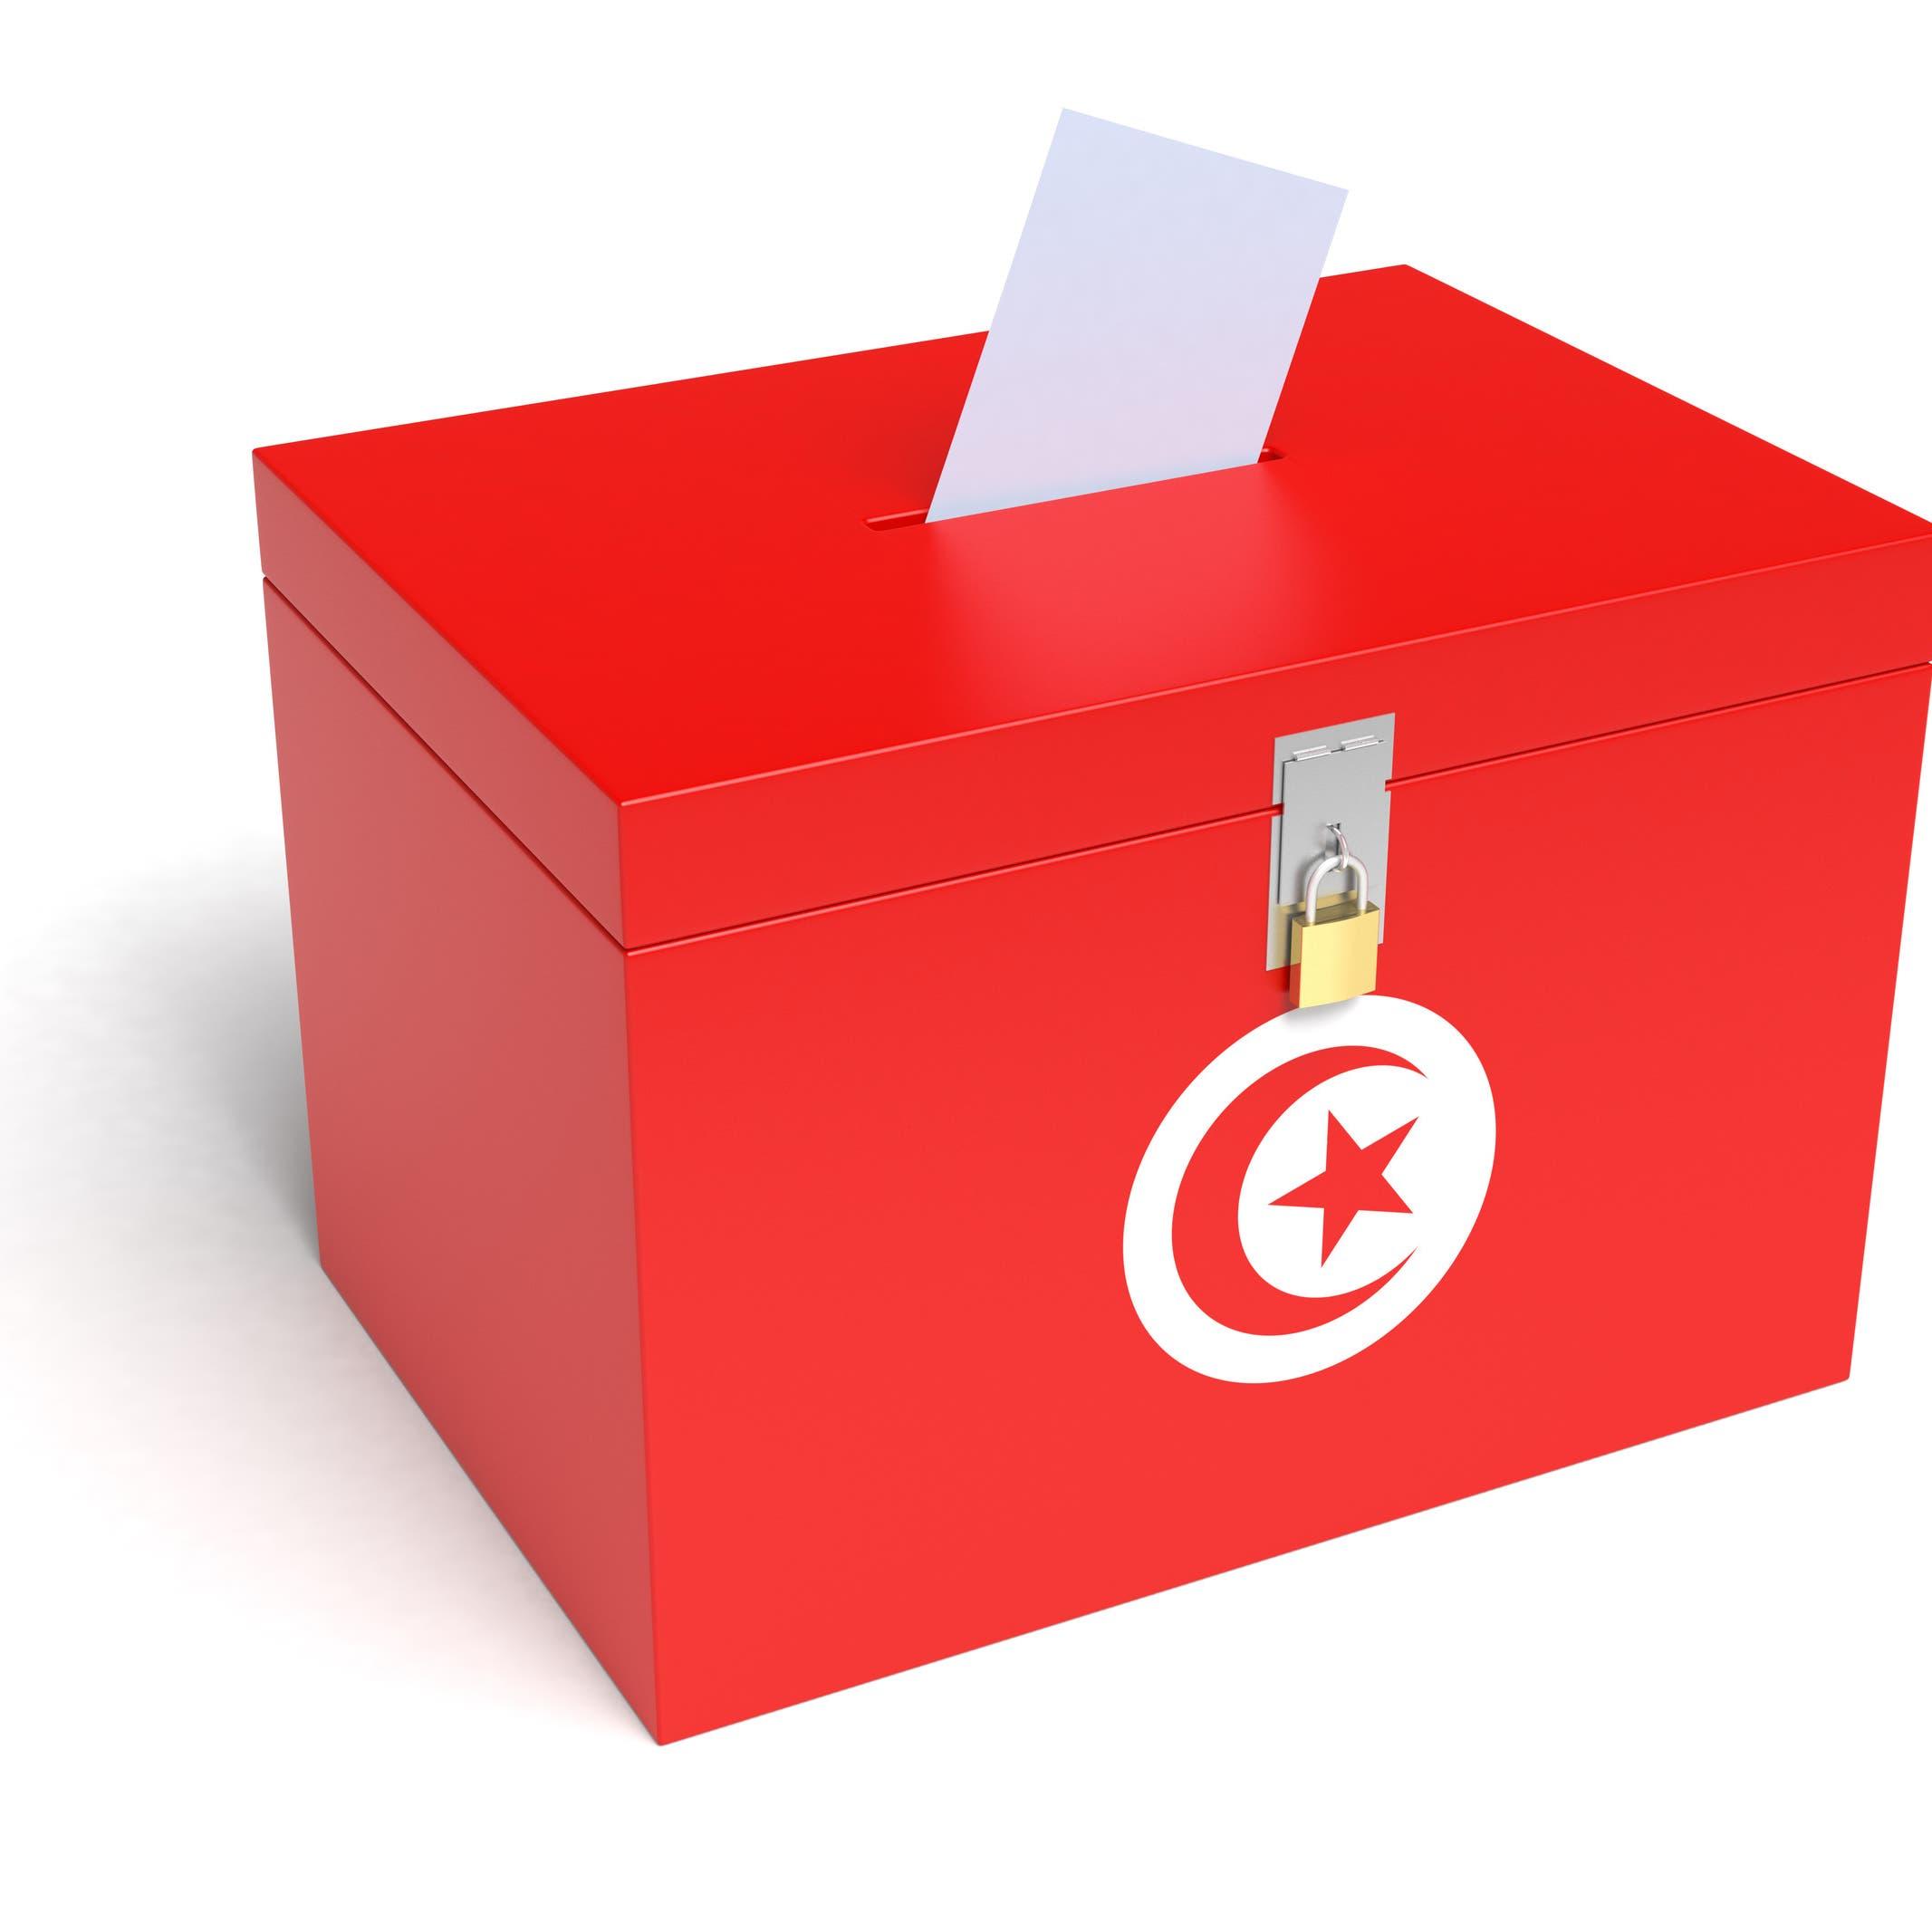 تونس.. الهيئة العليا للانتخابات تعلن التاريخ الجديد للرئاسيات